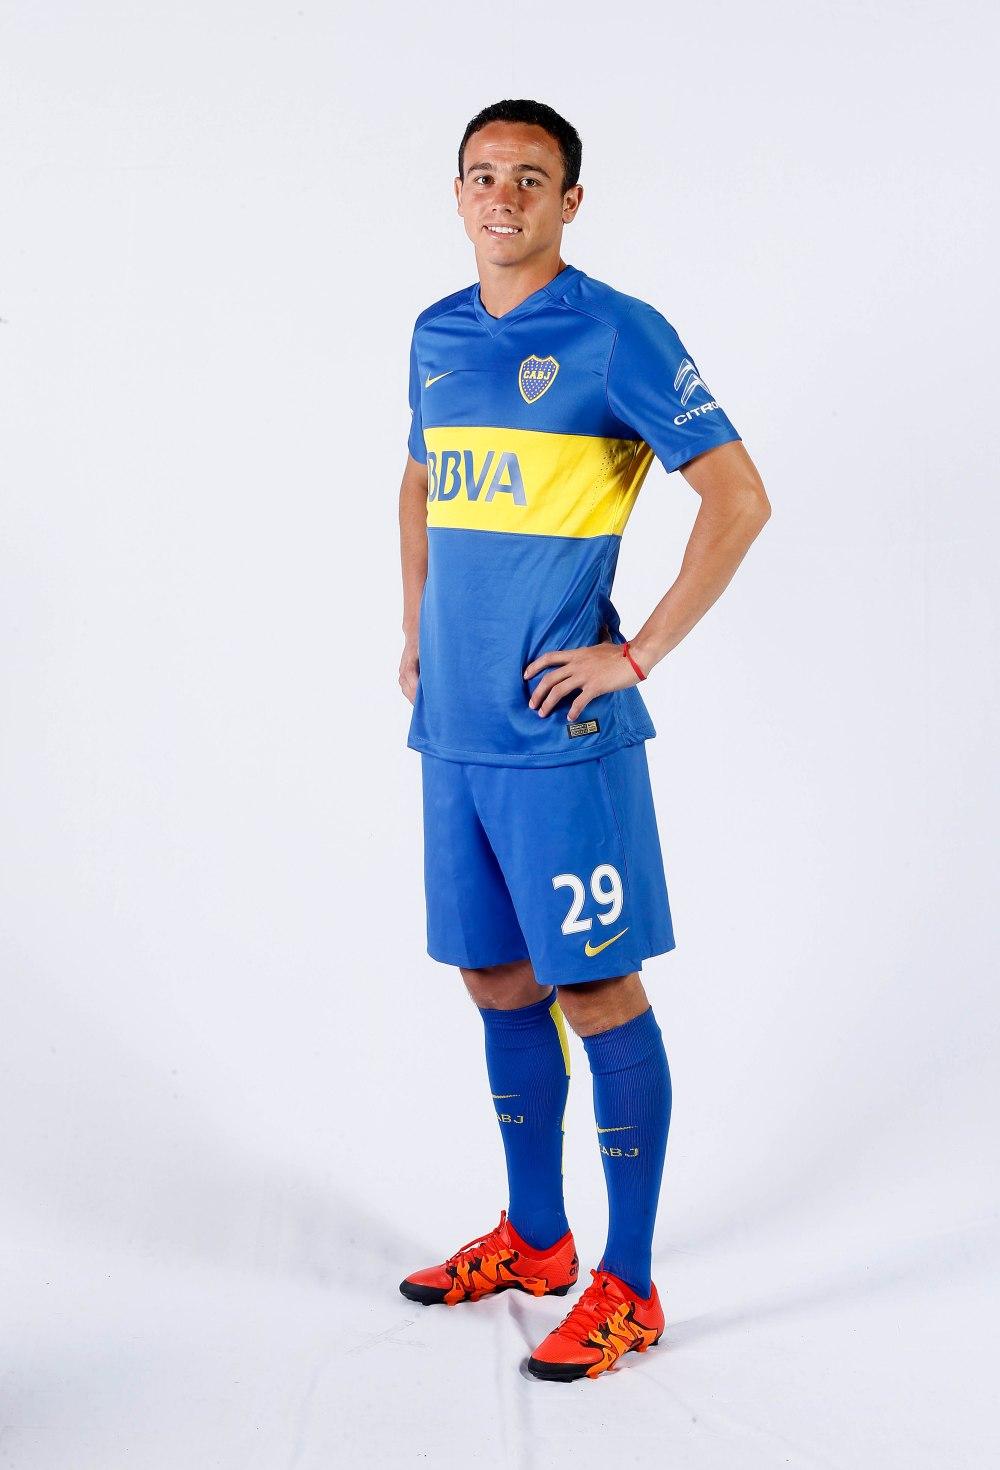 29 - Leandro Jara